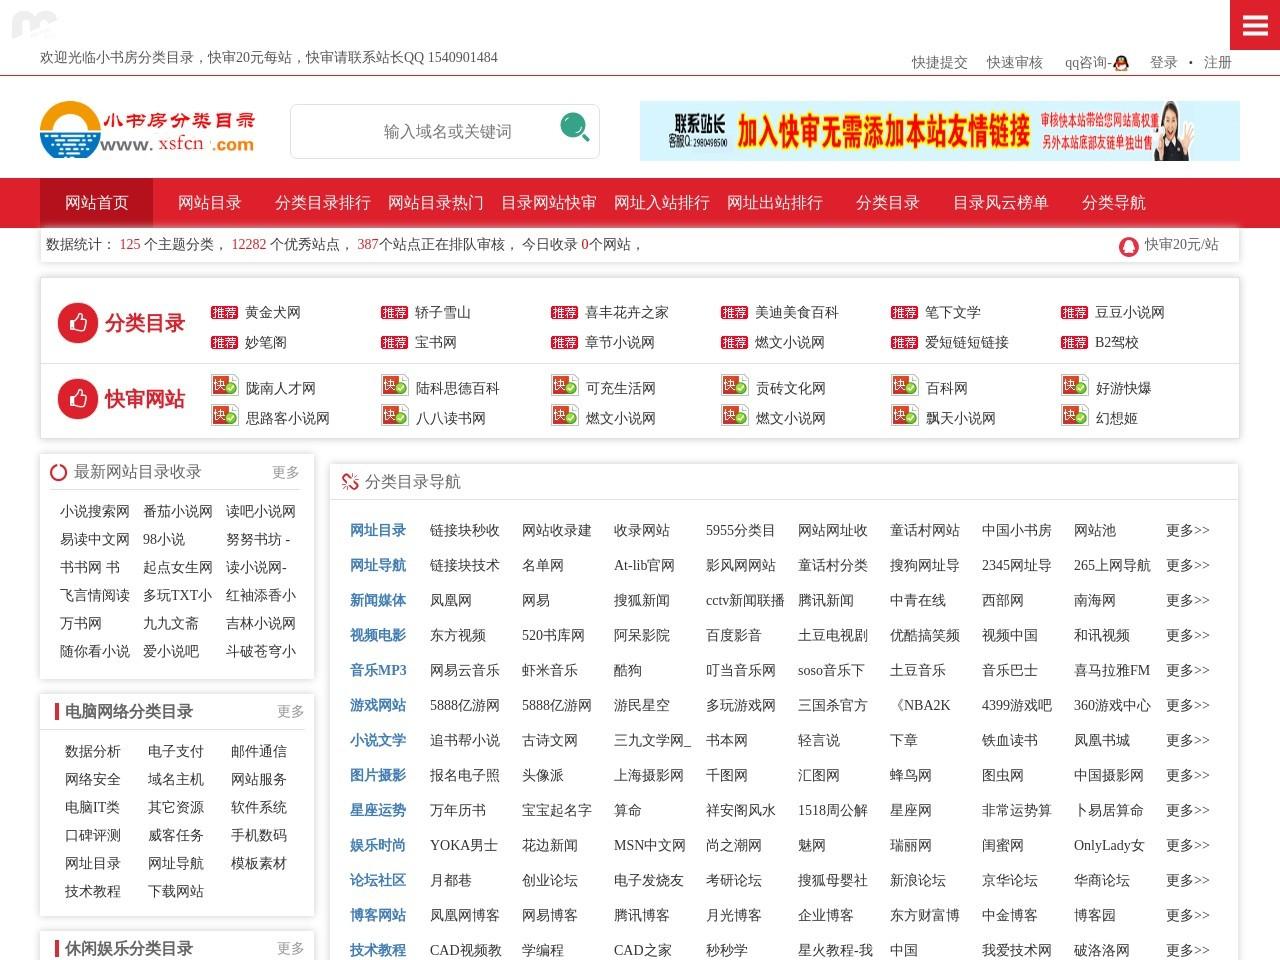 中国小书房分类目录截图